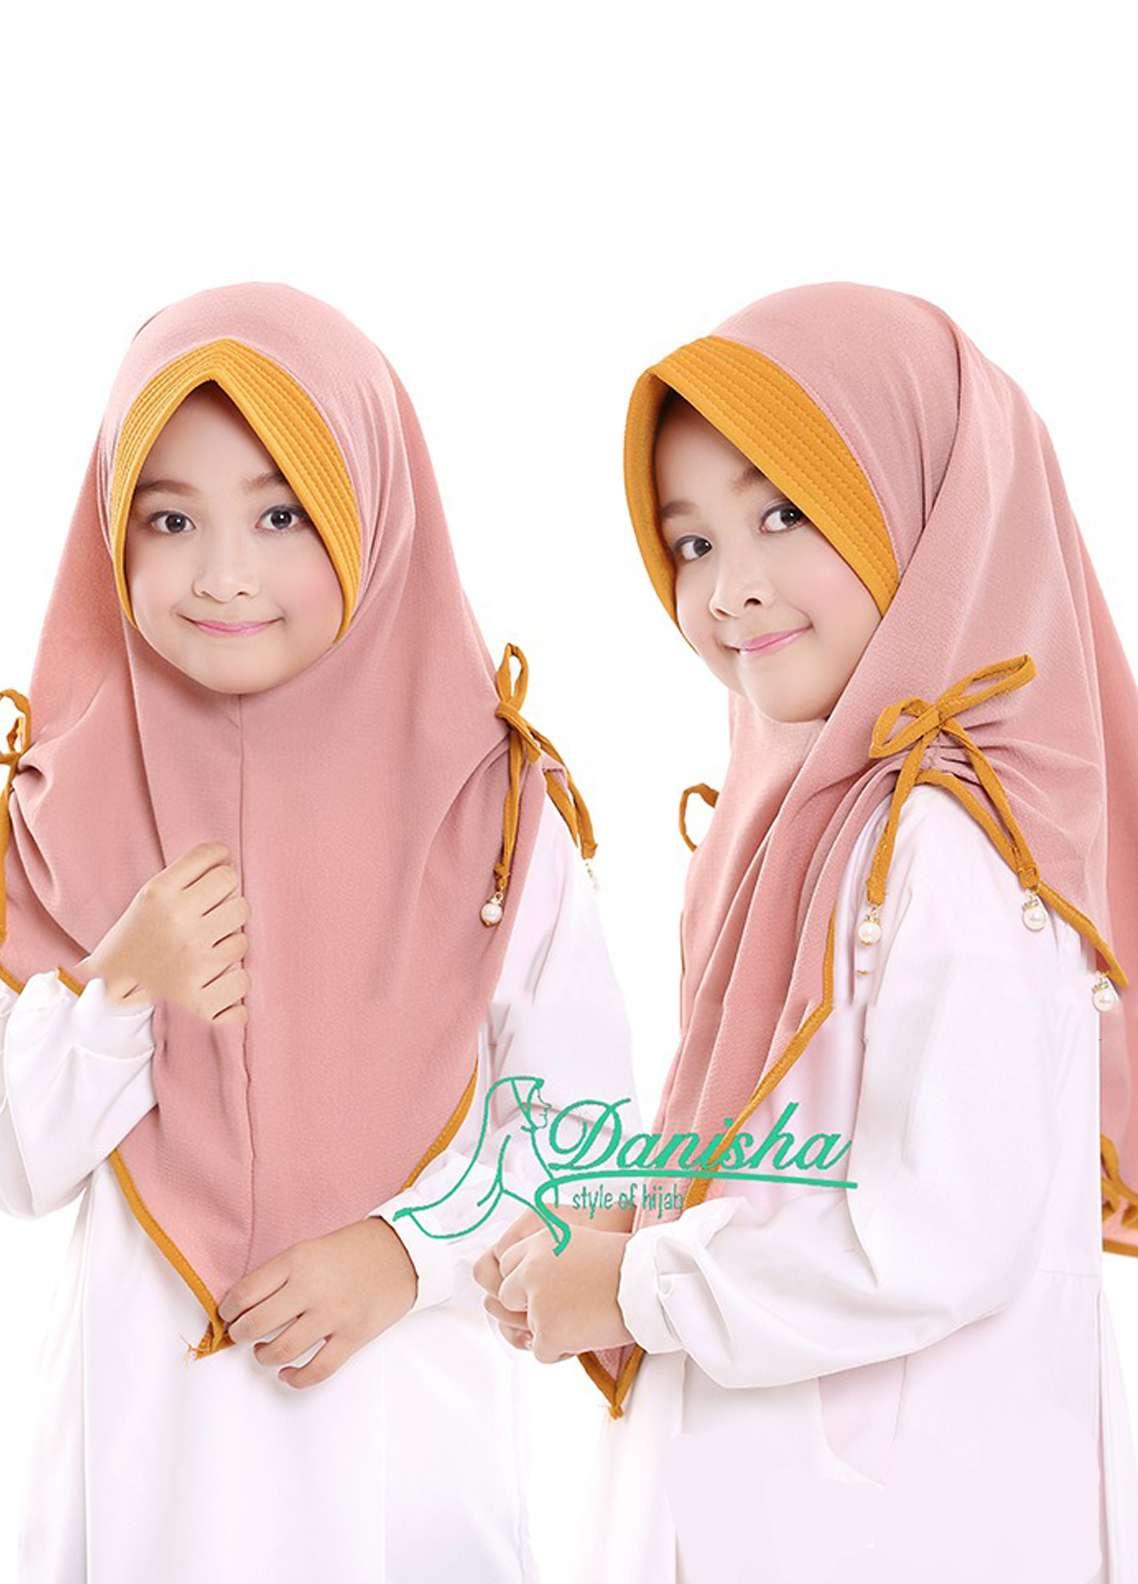 Danisha | Style of Hijab  Bubble Pop  Girls Scarves HH Danisha 04 Mocca